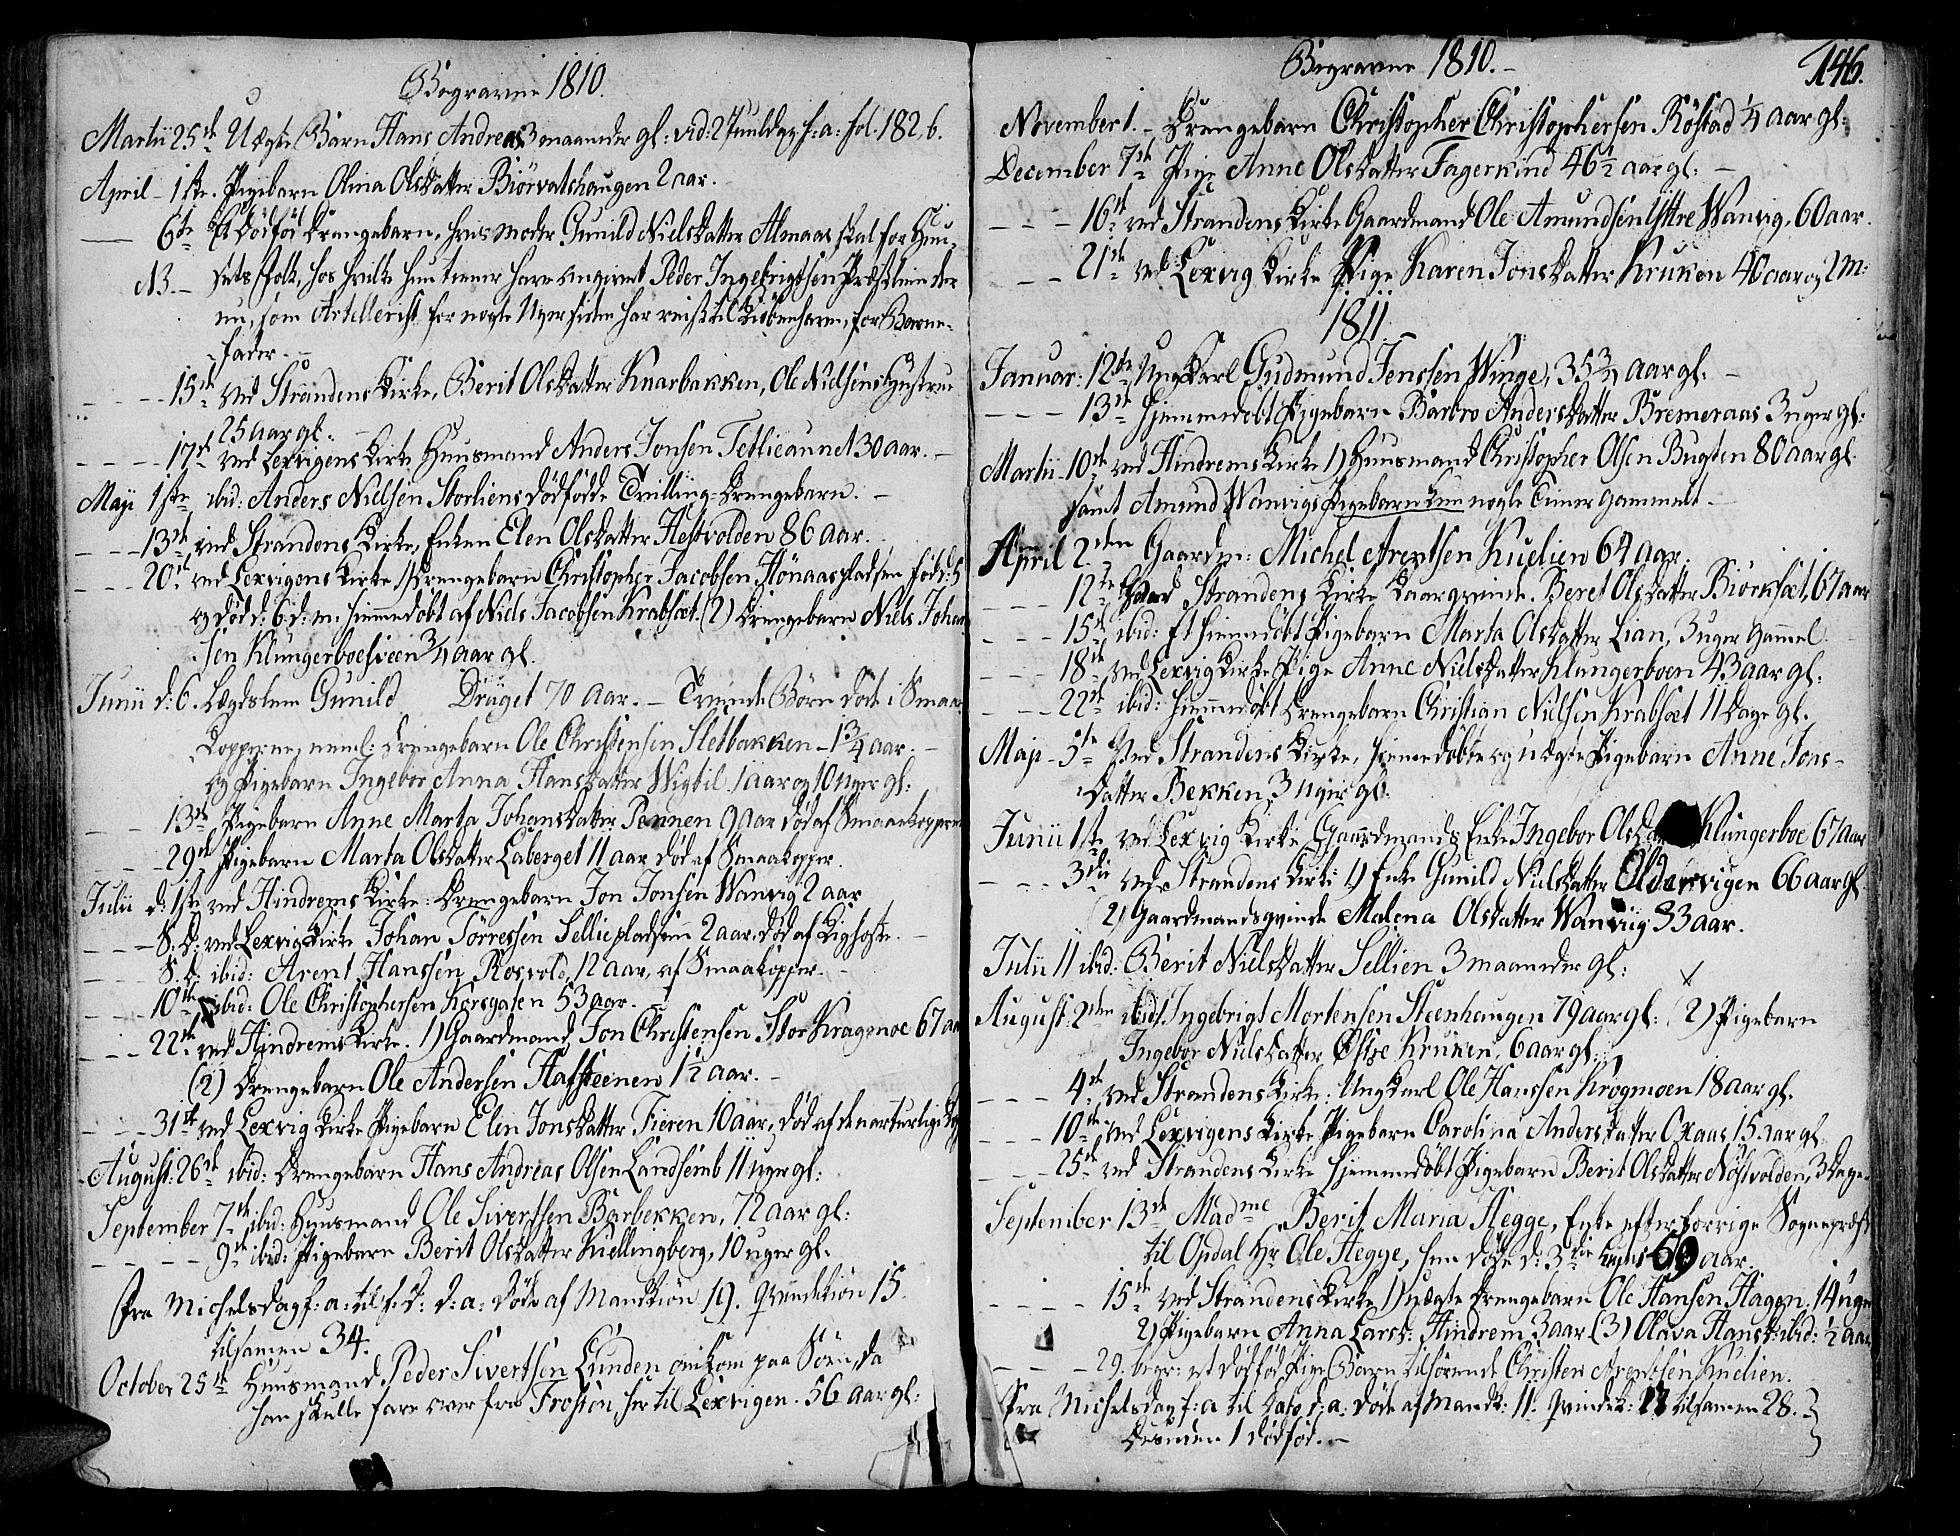 SAT, Ministerialprotokoller, klokkerbøker og fødselsregistre - Nord-Trøndelag, 701/L0004: Ministerialbok nr. 701A04, 1783-1816, s. 146